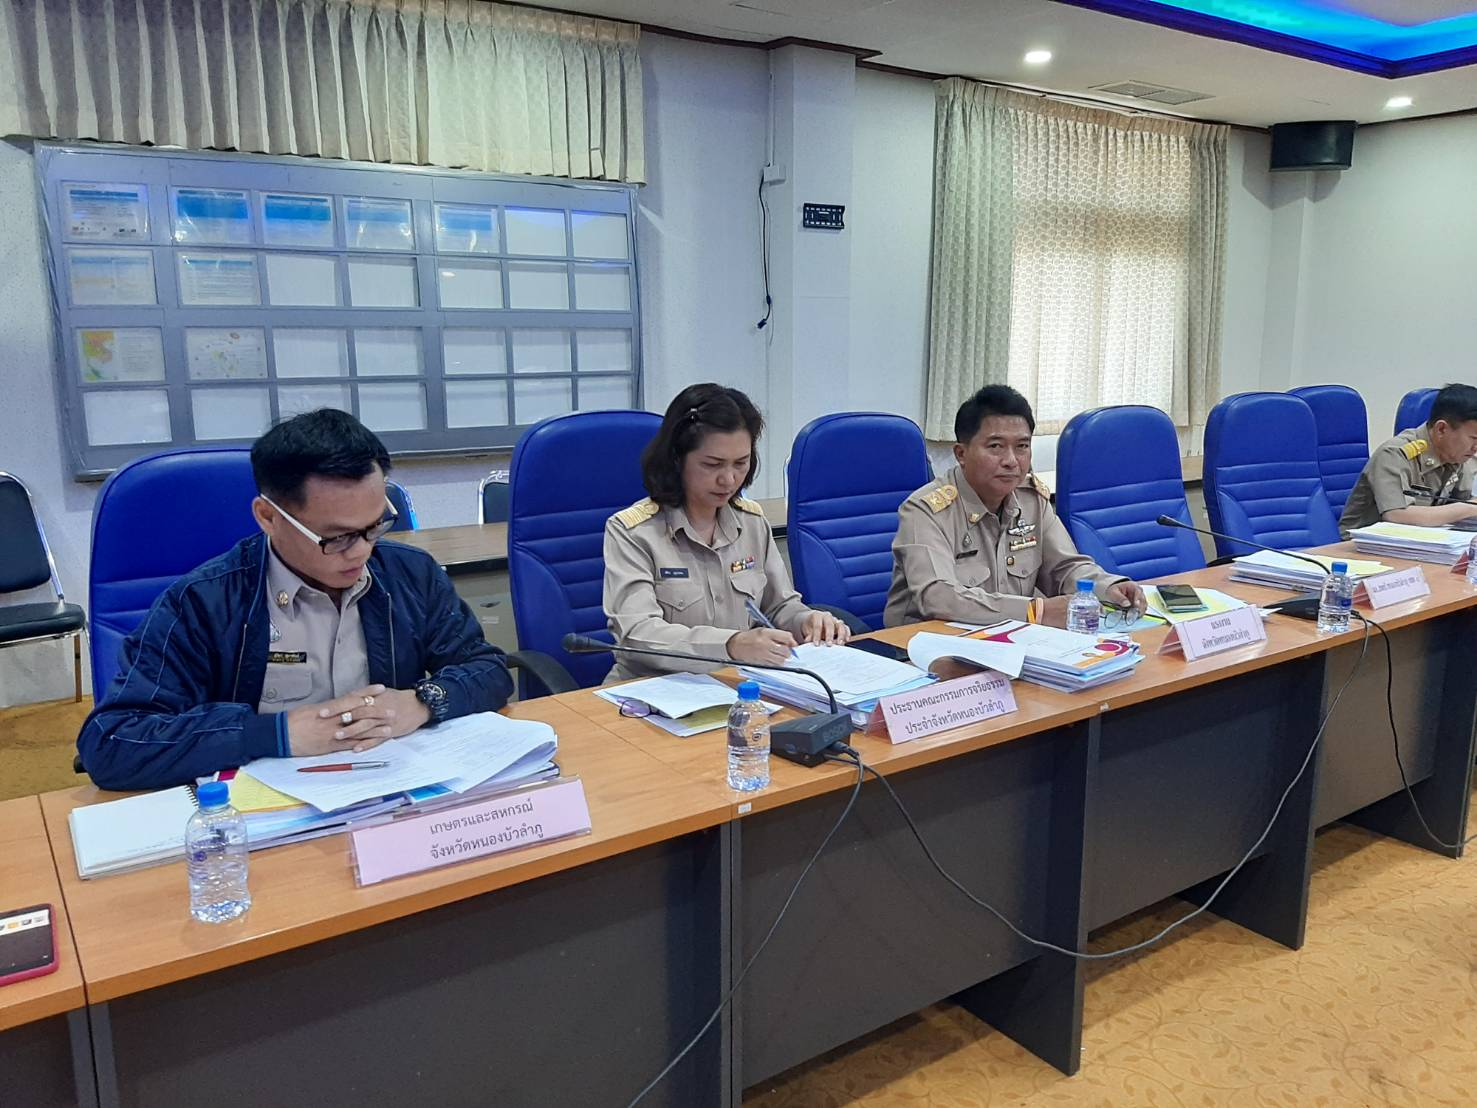 ร่วมประชุมคณะกรรมการพิจารณาคัดเลือกข้าราชการพลเรือนดีเด่น ประจำปี พ.ศ. 2562 จังหวัดหนองบัวลำภู ณ ห้องประชุมปฏิบัติการ POC ชั้น 4